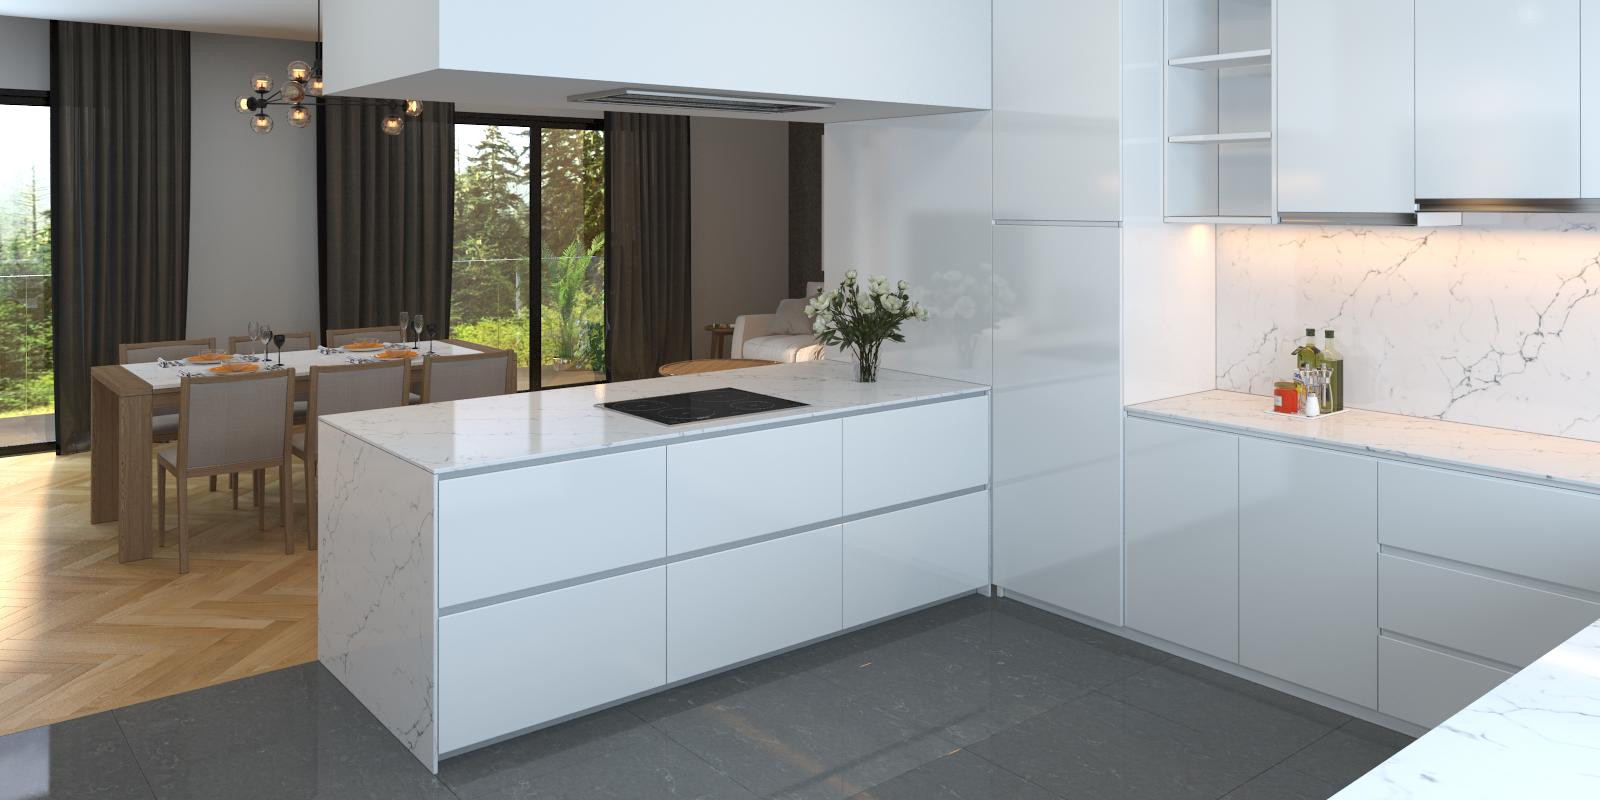 BQ8660 - Venatino #Vicostone #Quartz #Countertops #interiordesigns ...